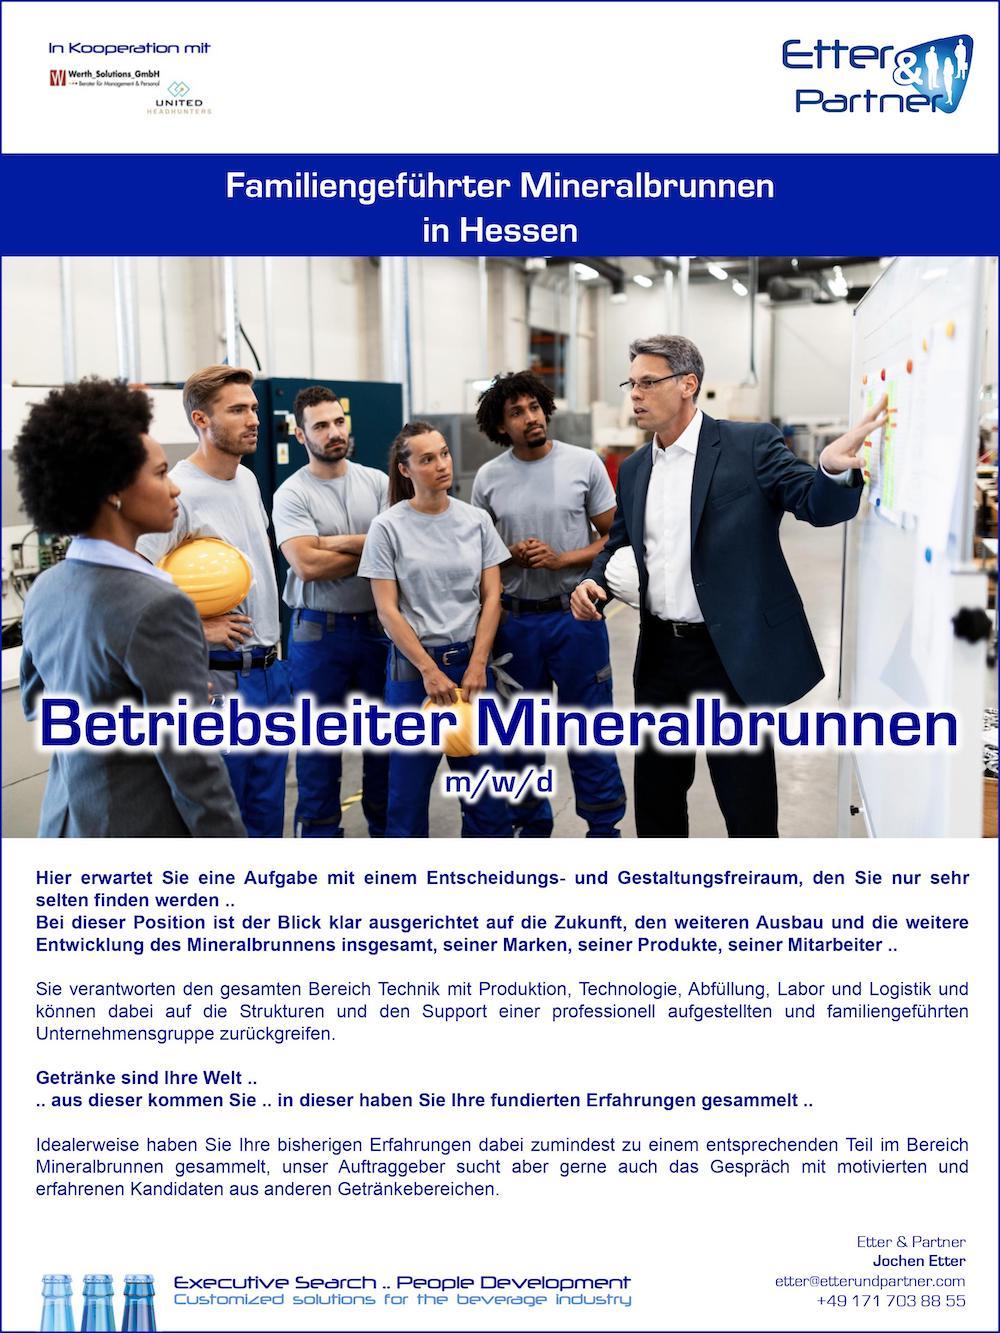 Betriebsleiter Mineralbrunnen m/w/d